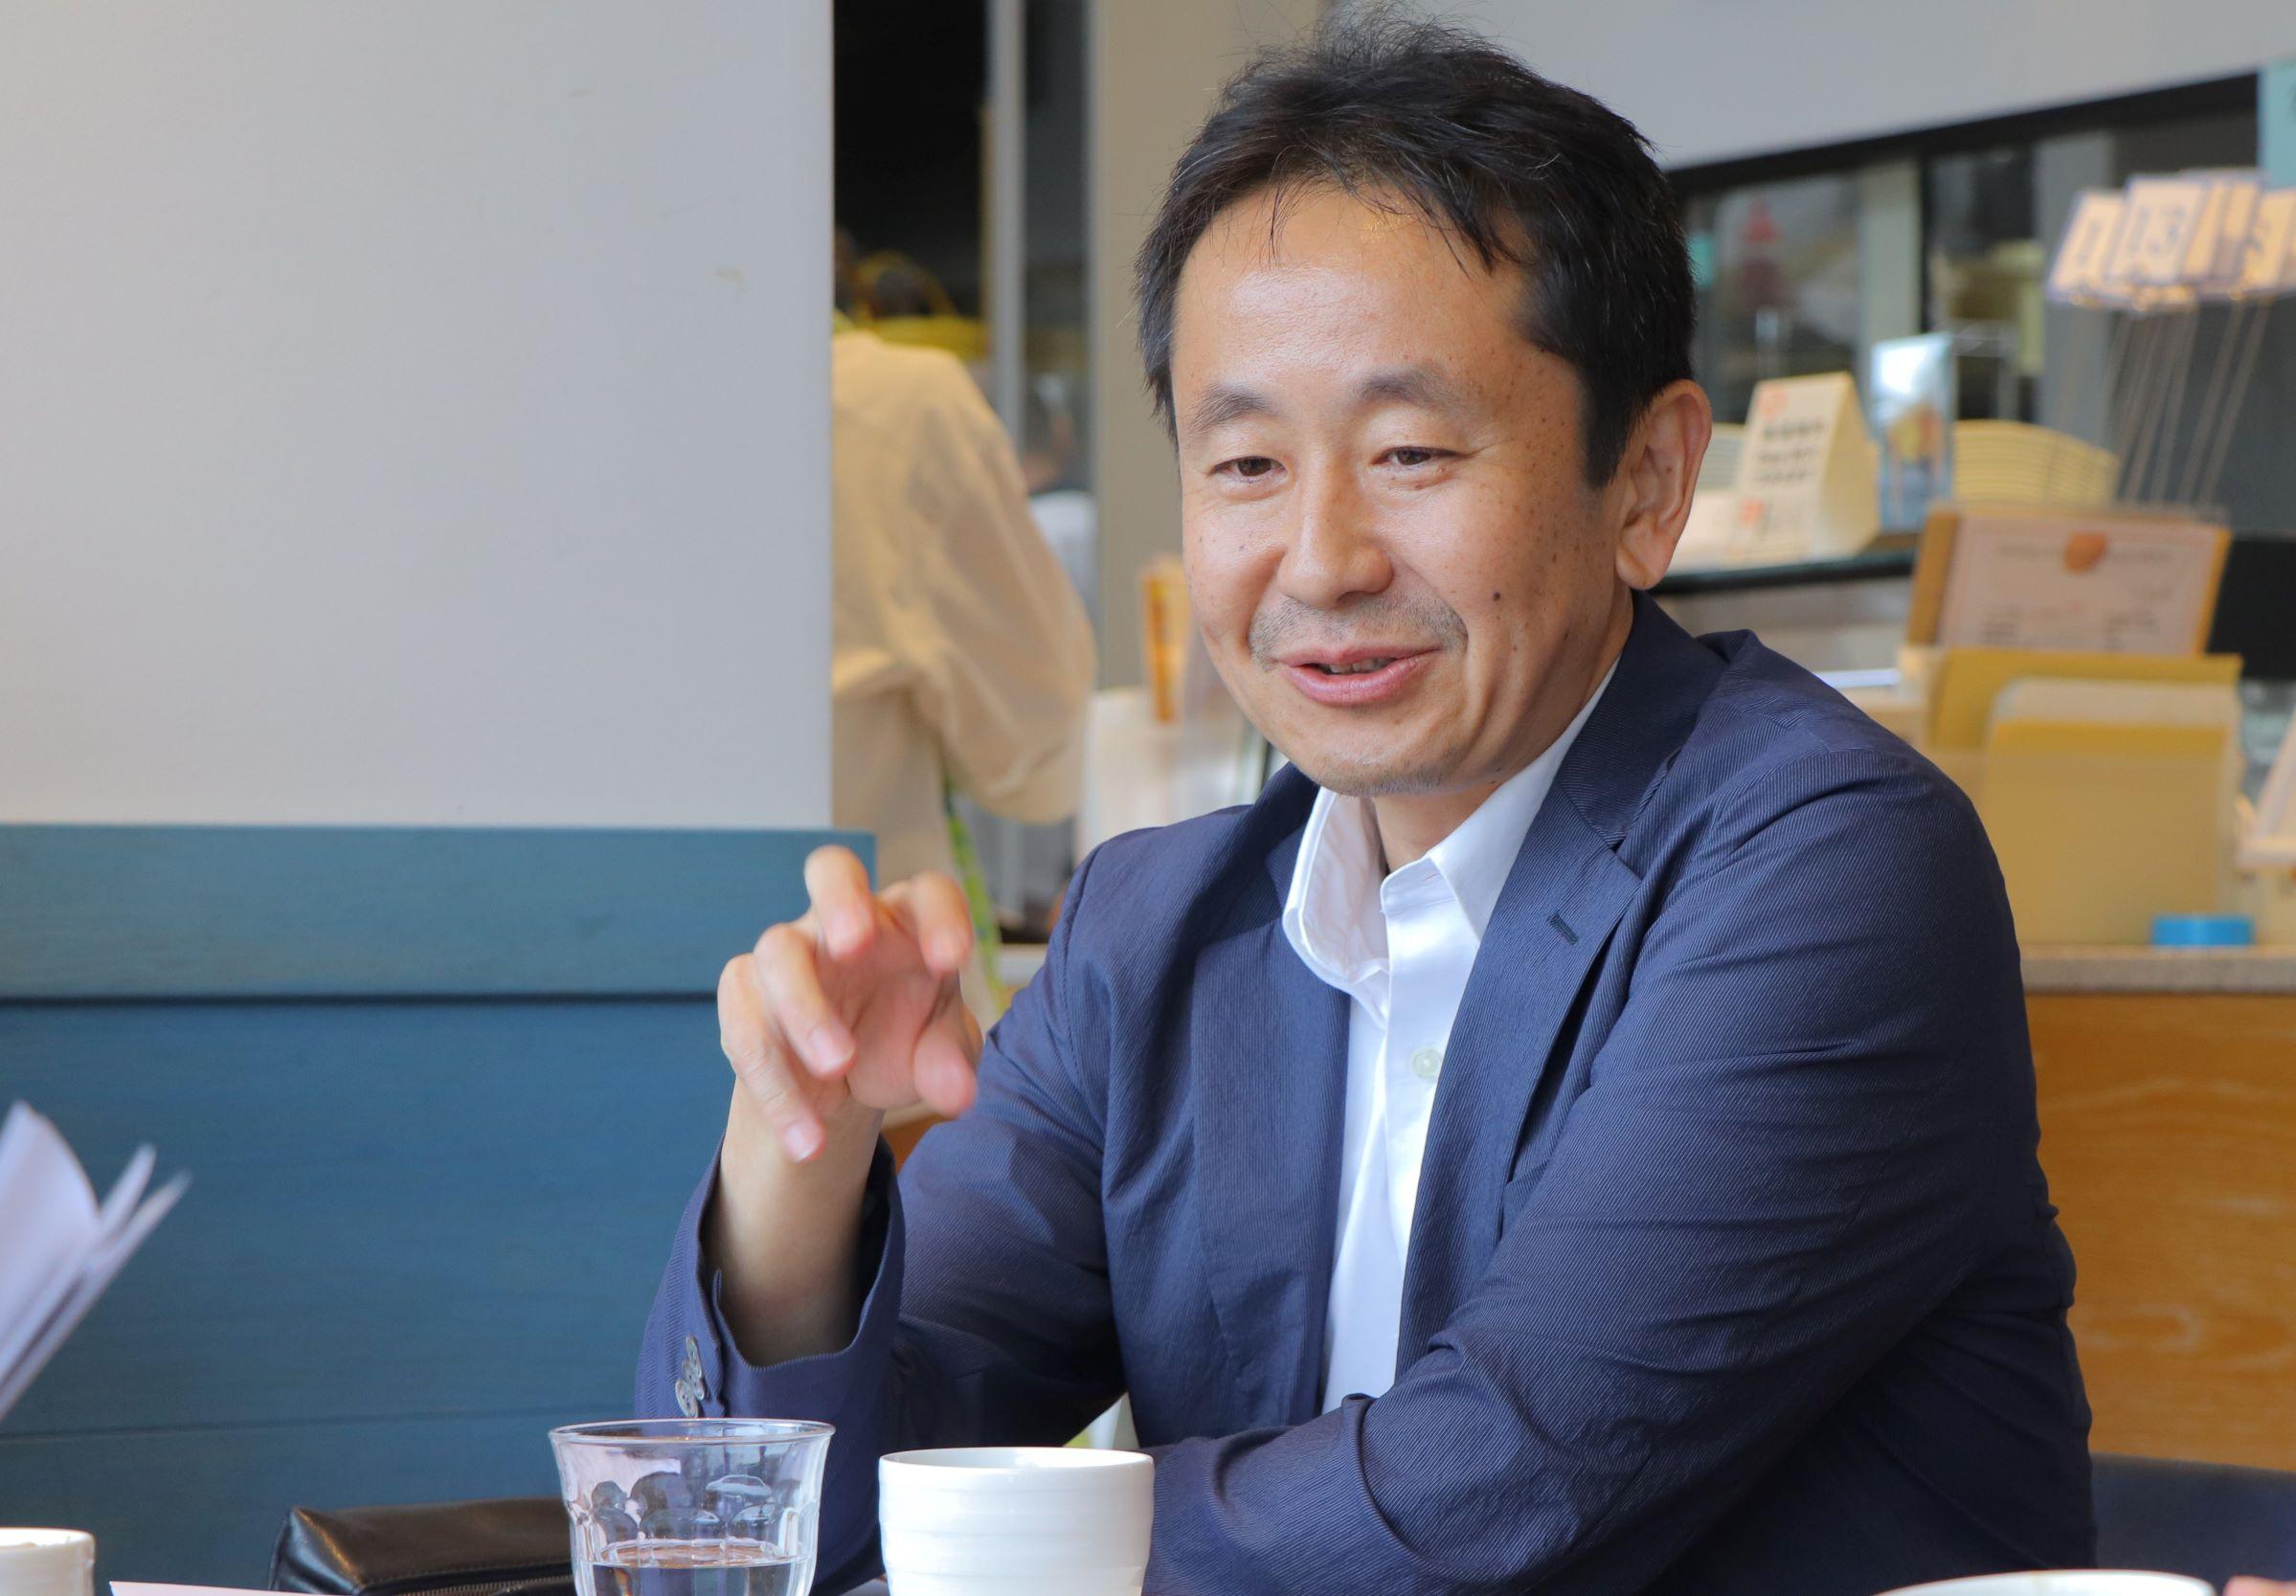 【고토 이 거리 그 사람】시바우라 공업대학 건축 학부 교수 시무라 히데아키 씨 시바우라 공업대학이 있는 도요스를 비롯하여 후카가와, 카메이도, 스나초 등, 고토구 내의 수많은 지역개발을 서포트하는 시무라 히데아키 씨.